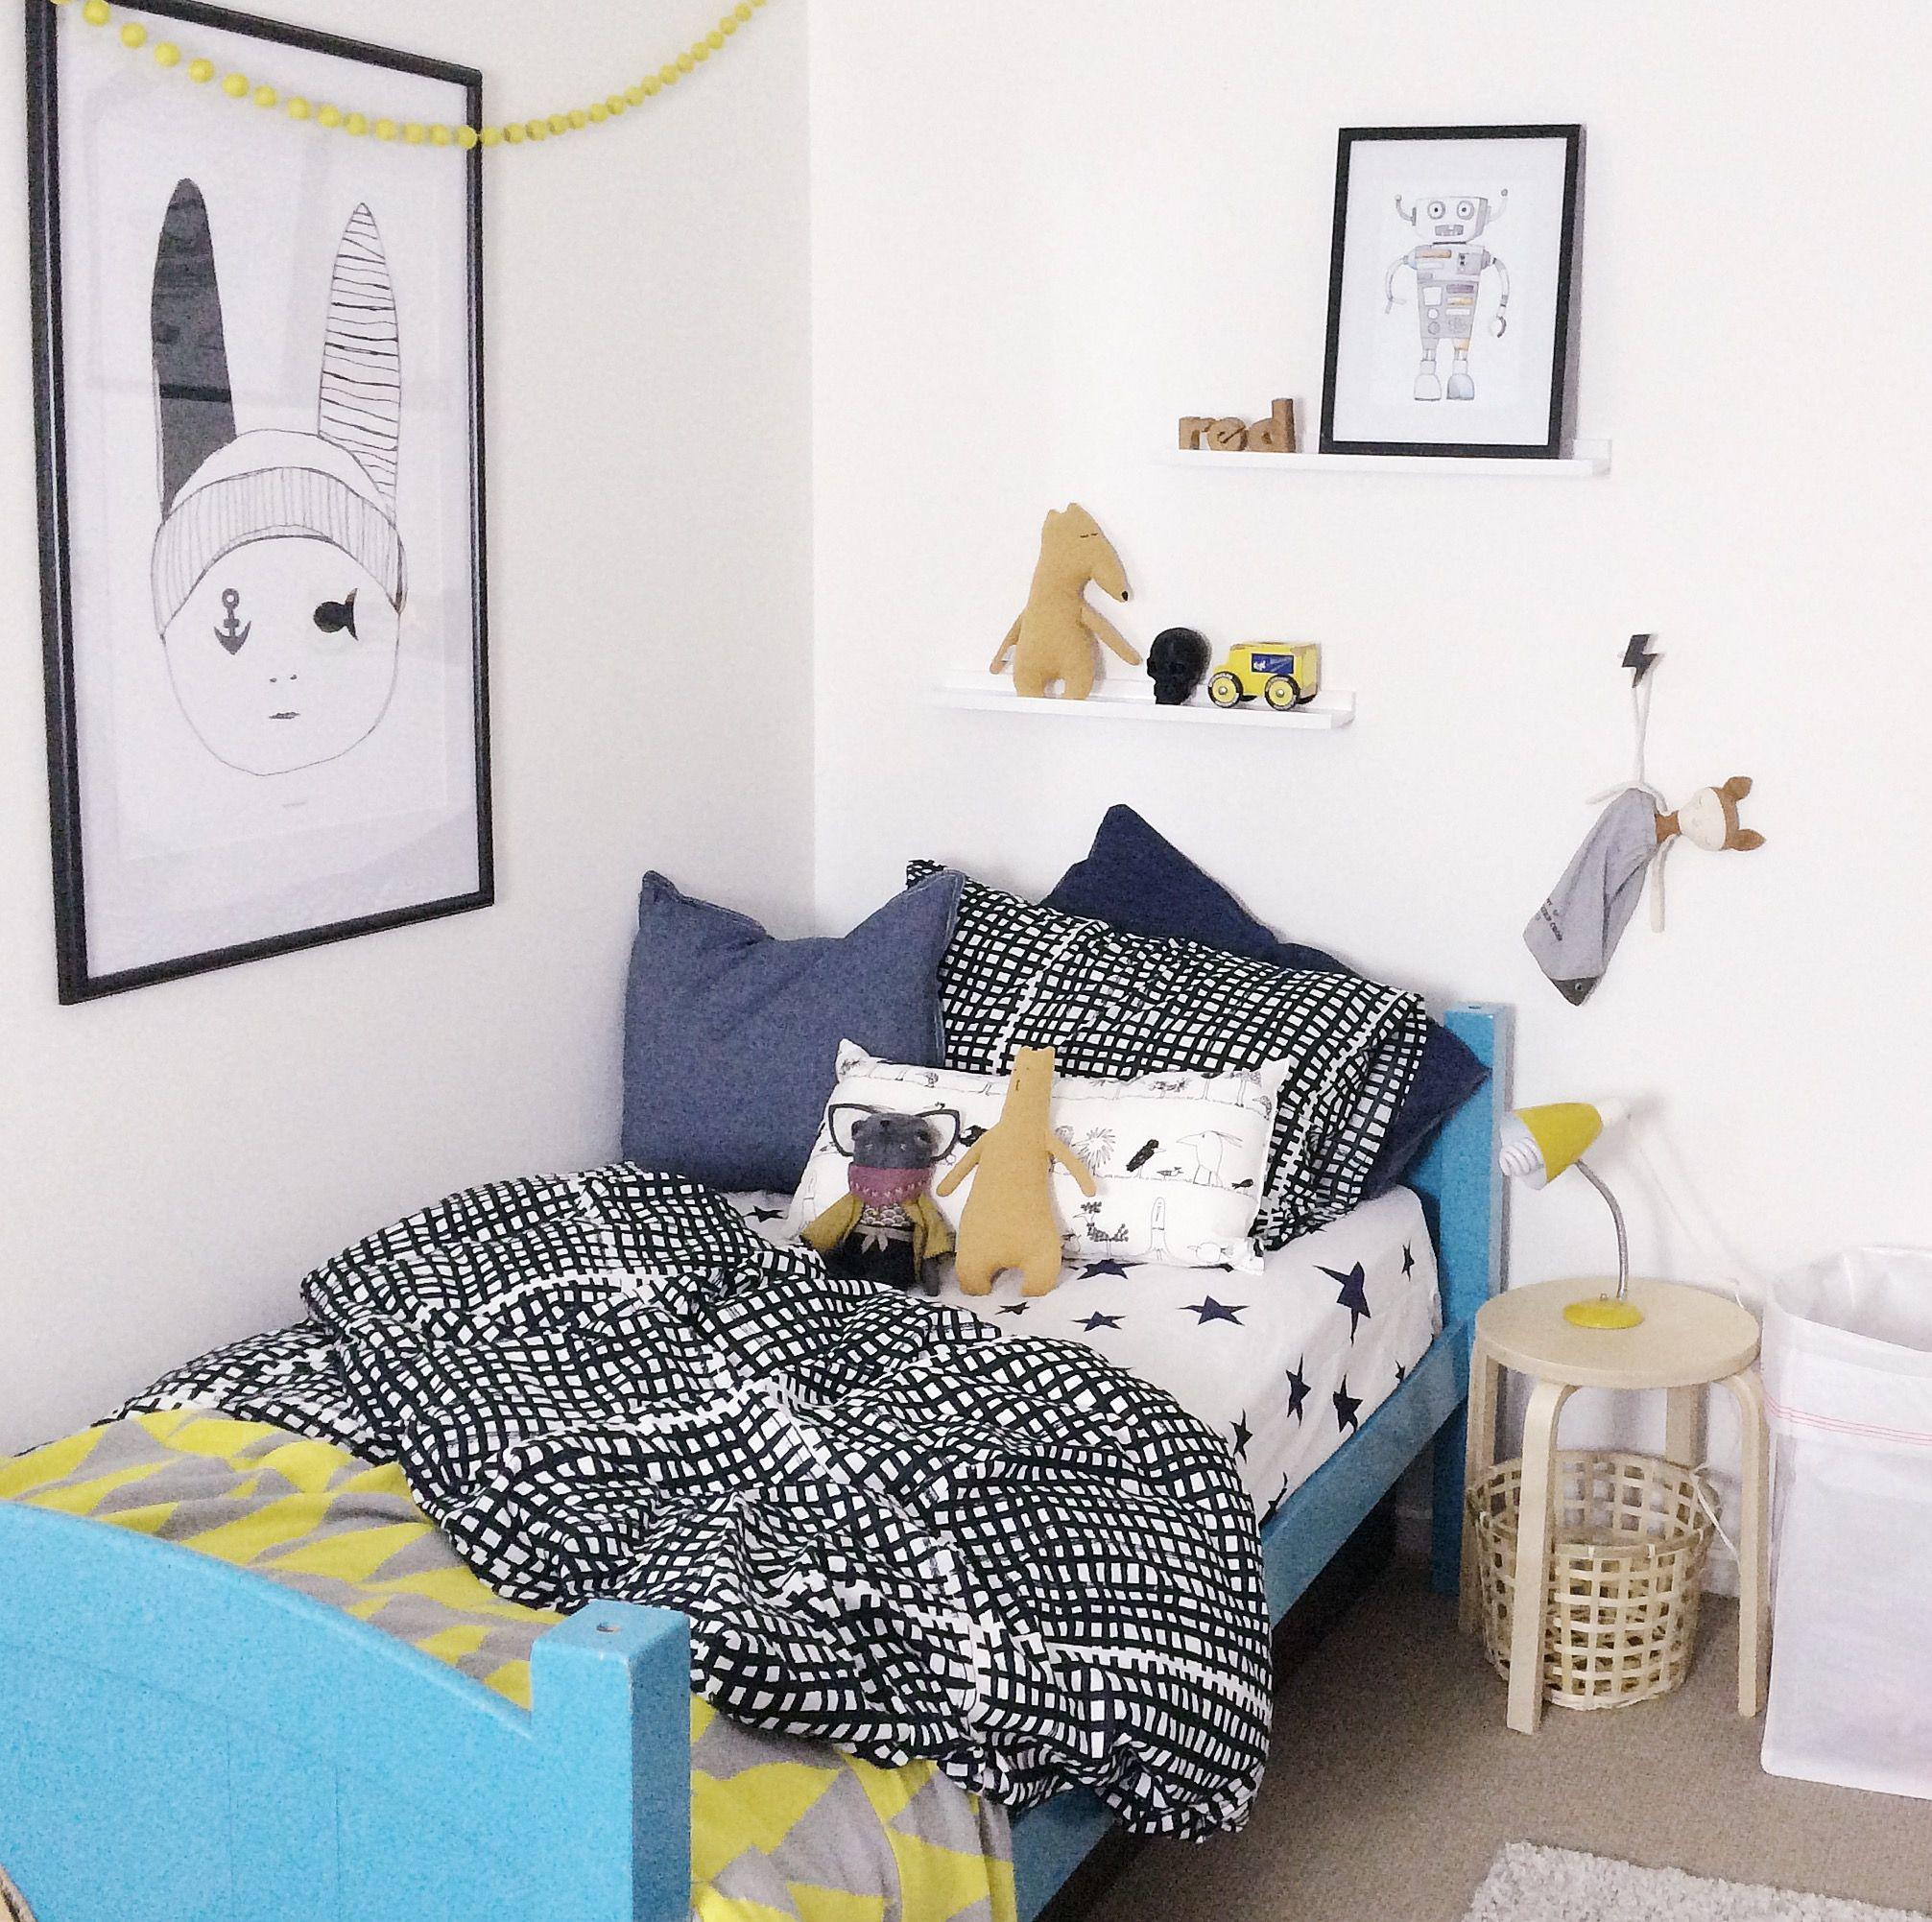 Boys Room By These Little Treasures | Childrenu0027s Spaces | Pinterest U2026 | Kids  Room Treasures